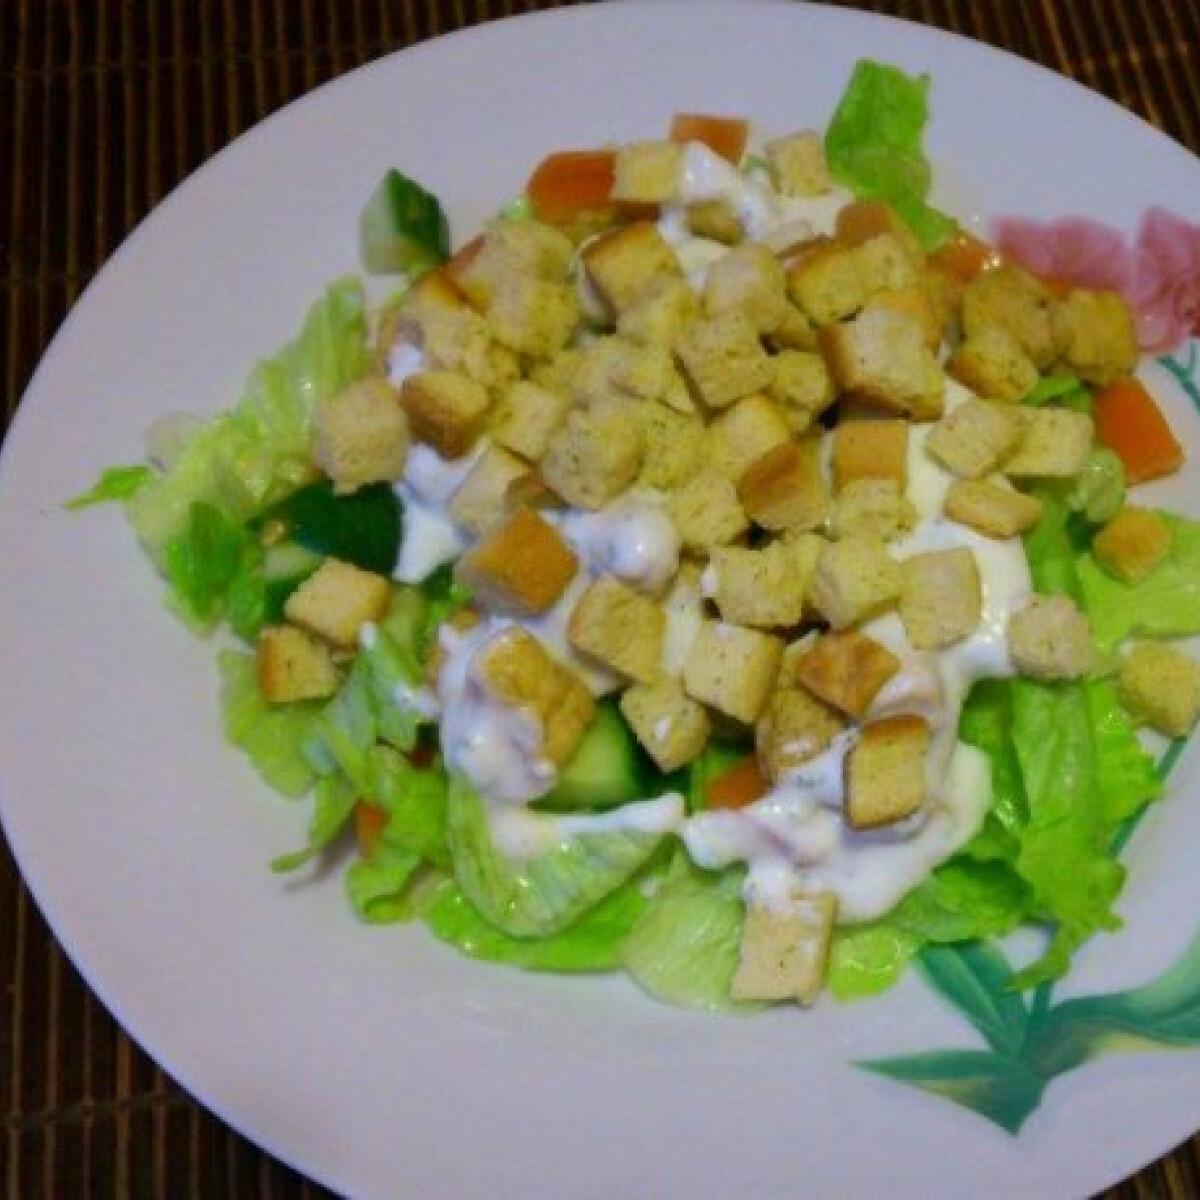 Saláta csirkemellel és krutonnal